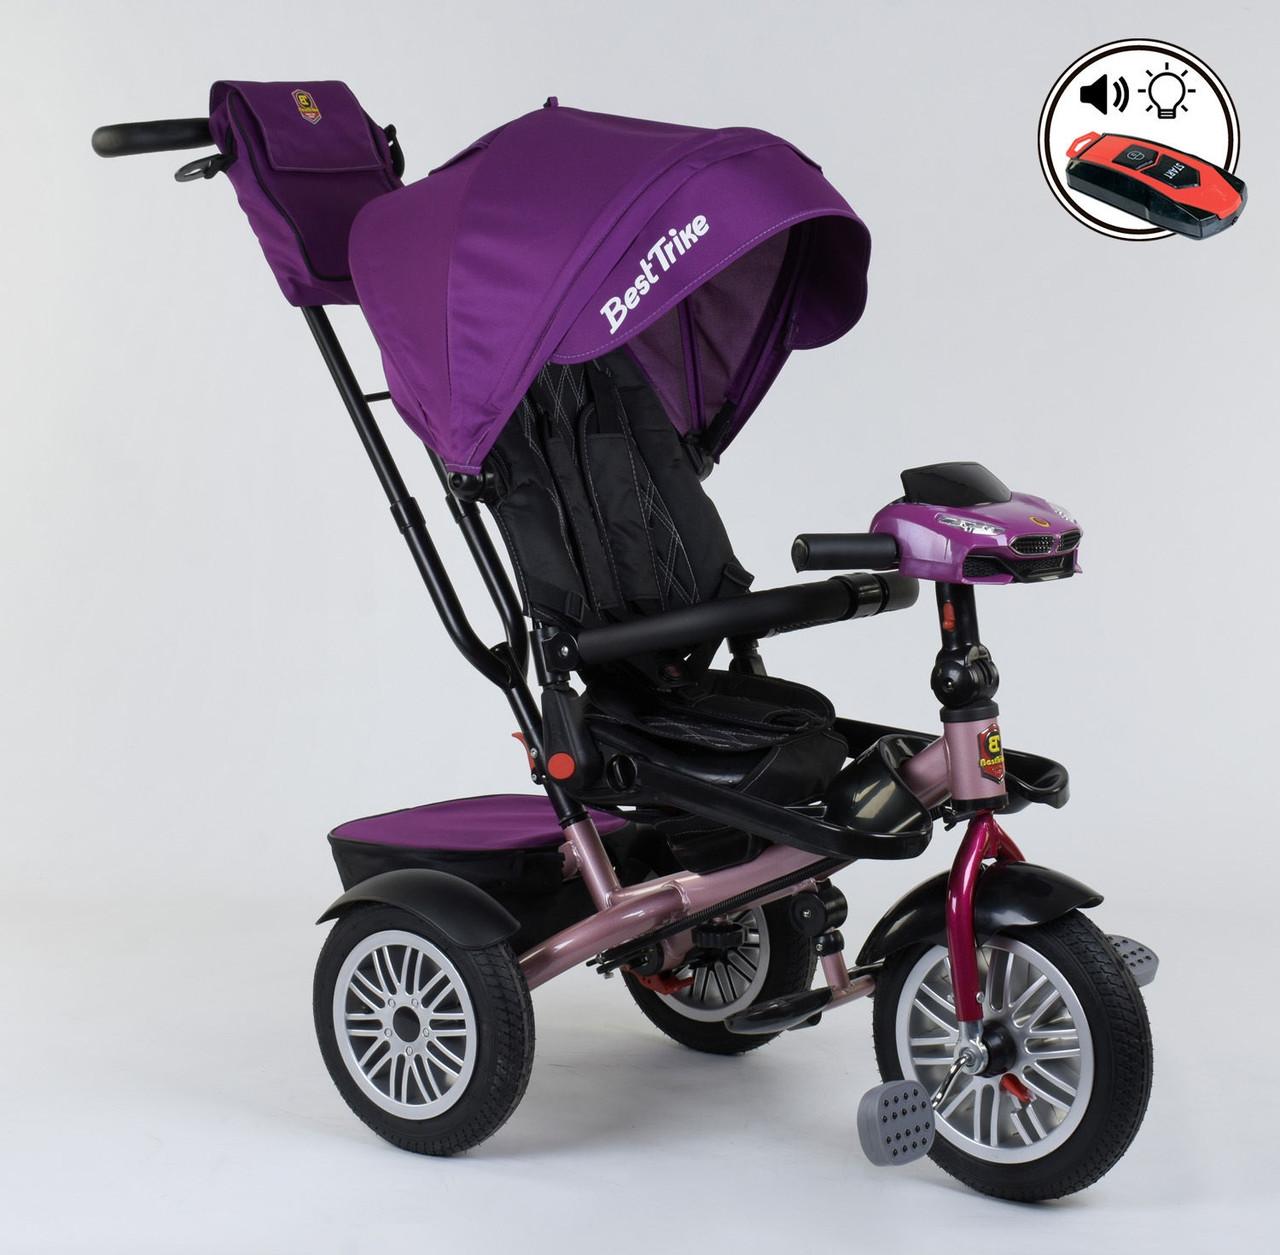 Триколісний велосипед з ручкою козирком фарою поворотне сидіння надувні колеса Best Trike 9288 В - 3920